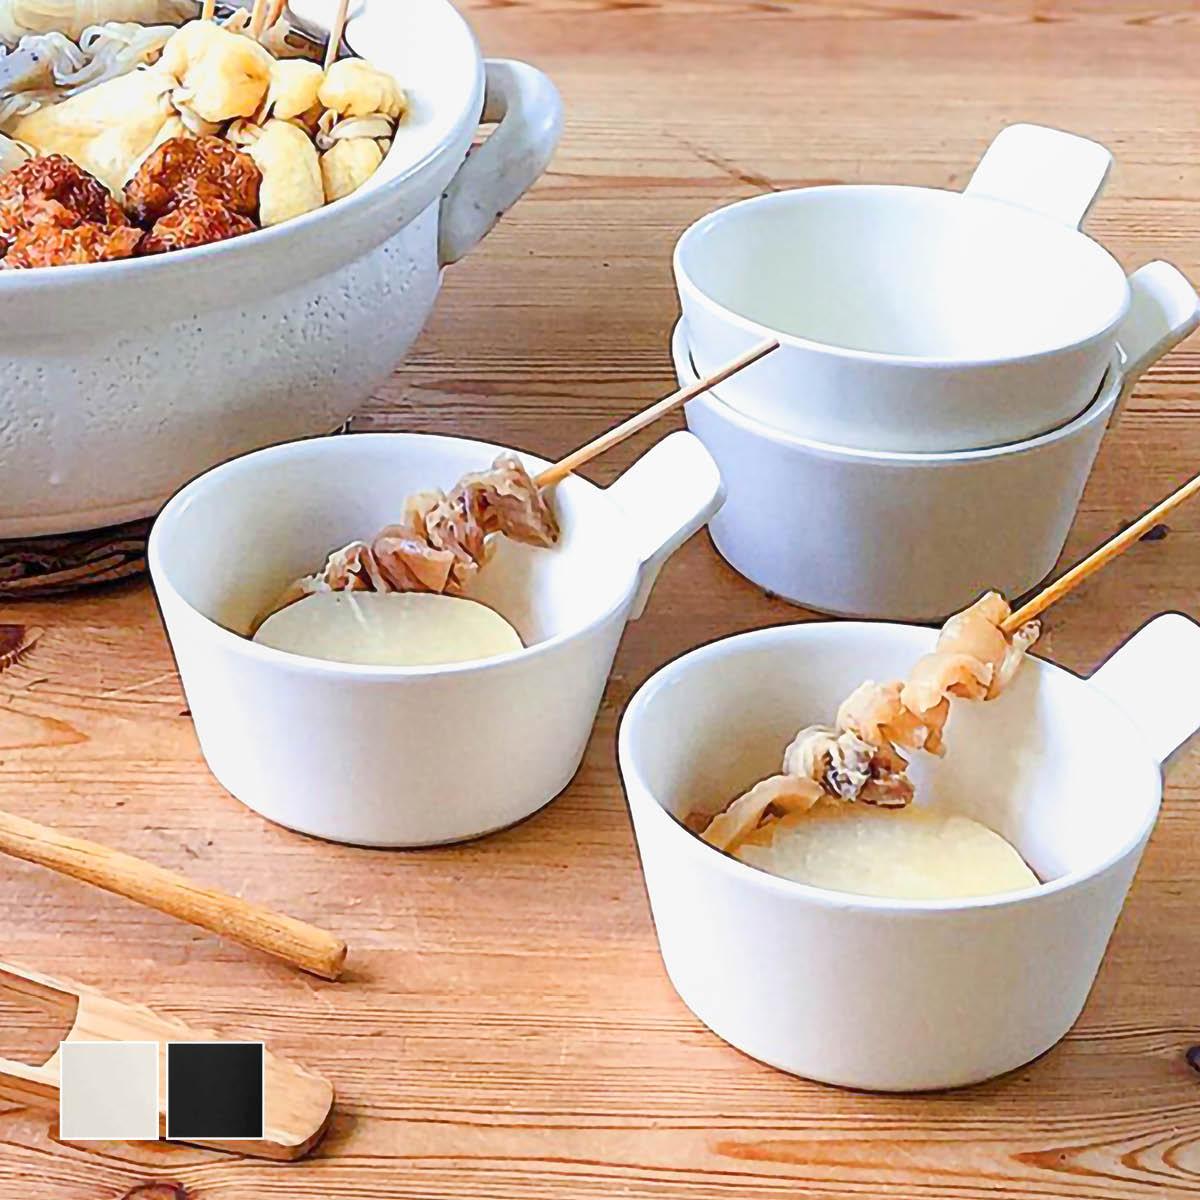 小鉢 ボウル 価格 交渉 送料無料 人気の定番 和食器 持ち手付き おしゃれ シンプル 〈sarasa 取り鉢 取り皿 × イブキクラフト 〉とんすい design シンプル#SL_TB